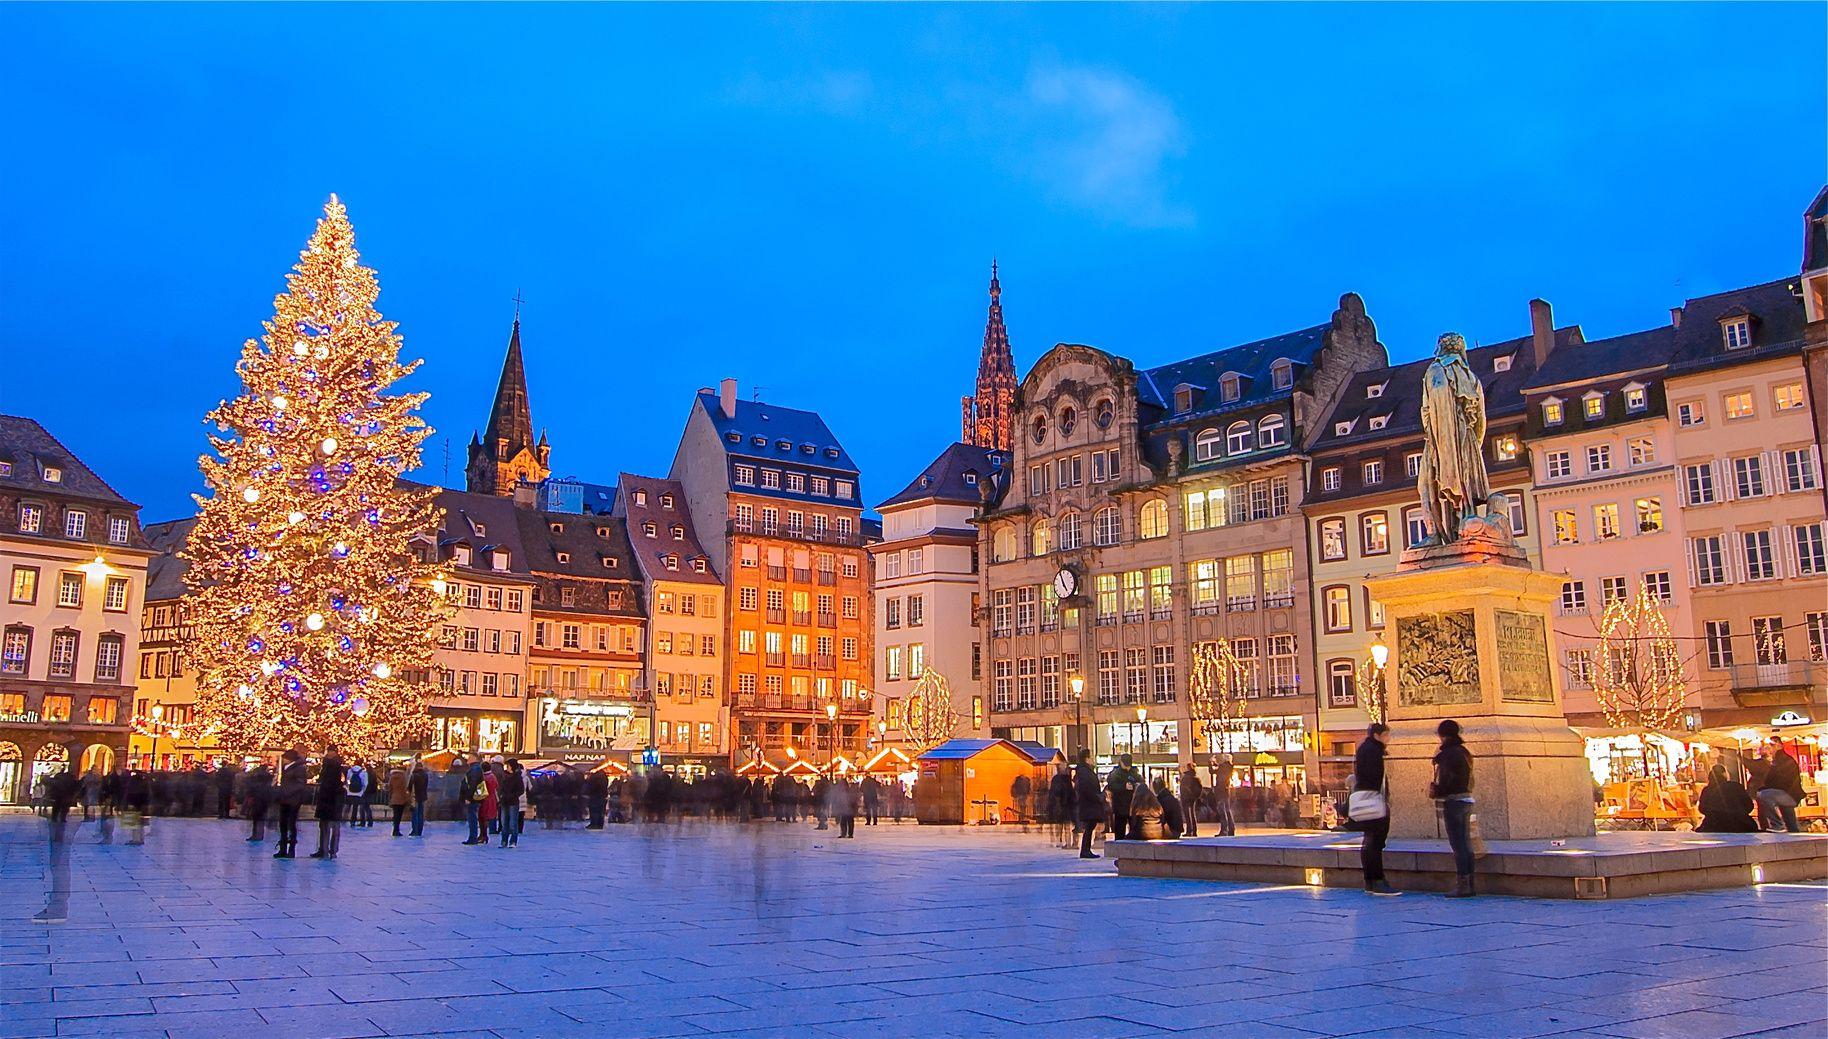 Los 10 Mercadillos De Navidad Más Bonitos De Europa Mercado De Navidad Mercados Navideños Viajes Navidad